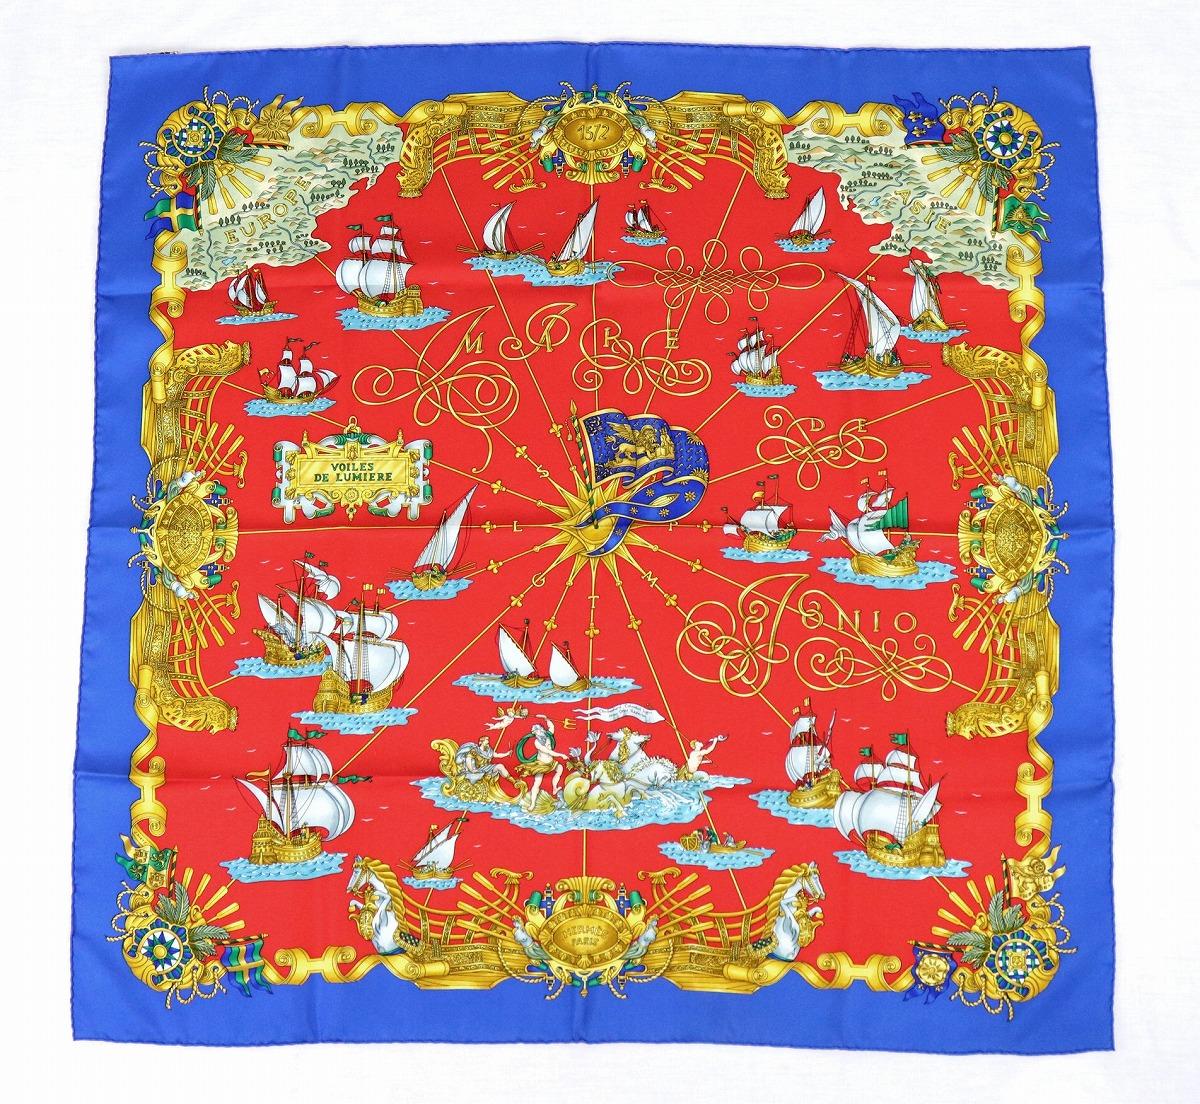 【アパレル】HERMES エルメス カレ90 スカーフ 大判スカーフ 光の帆船『VOILES DE LUMIERE』シルク100% レッド 赤 ブルー 青 マルチカラー 【中古】【u】